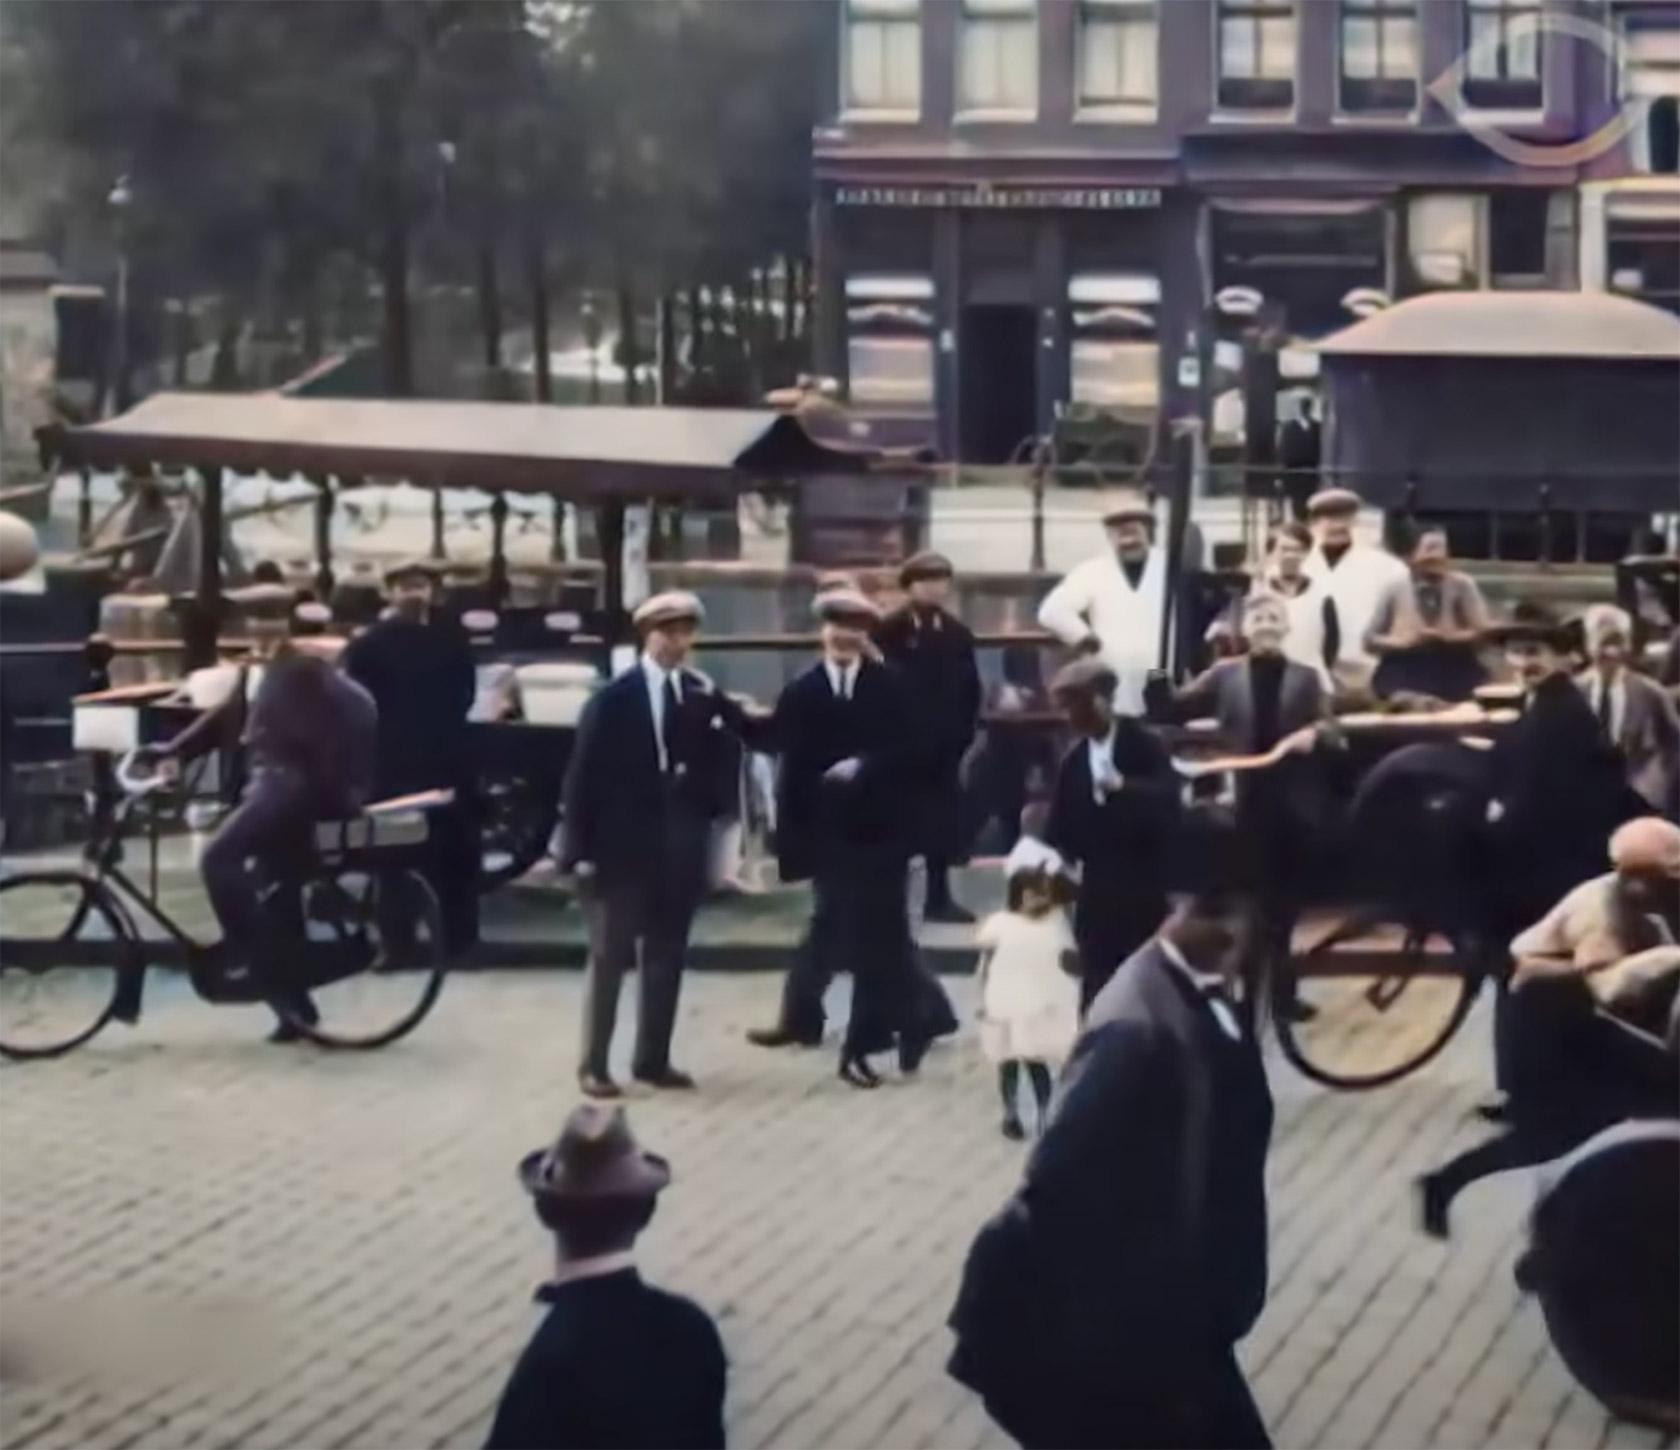 AI Neural Network Amsterdam 1920s